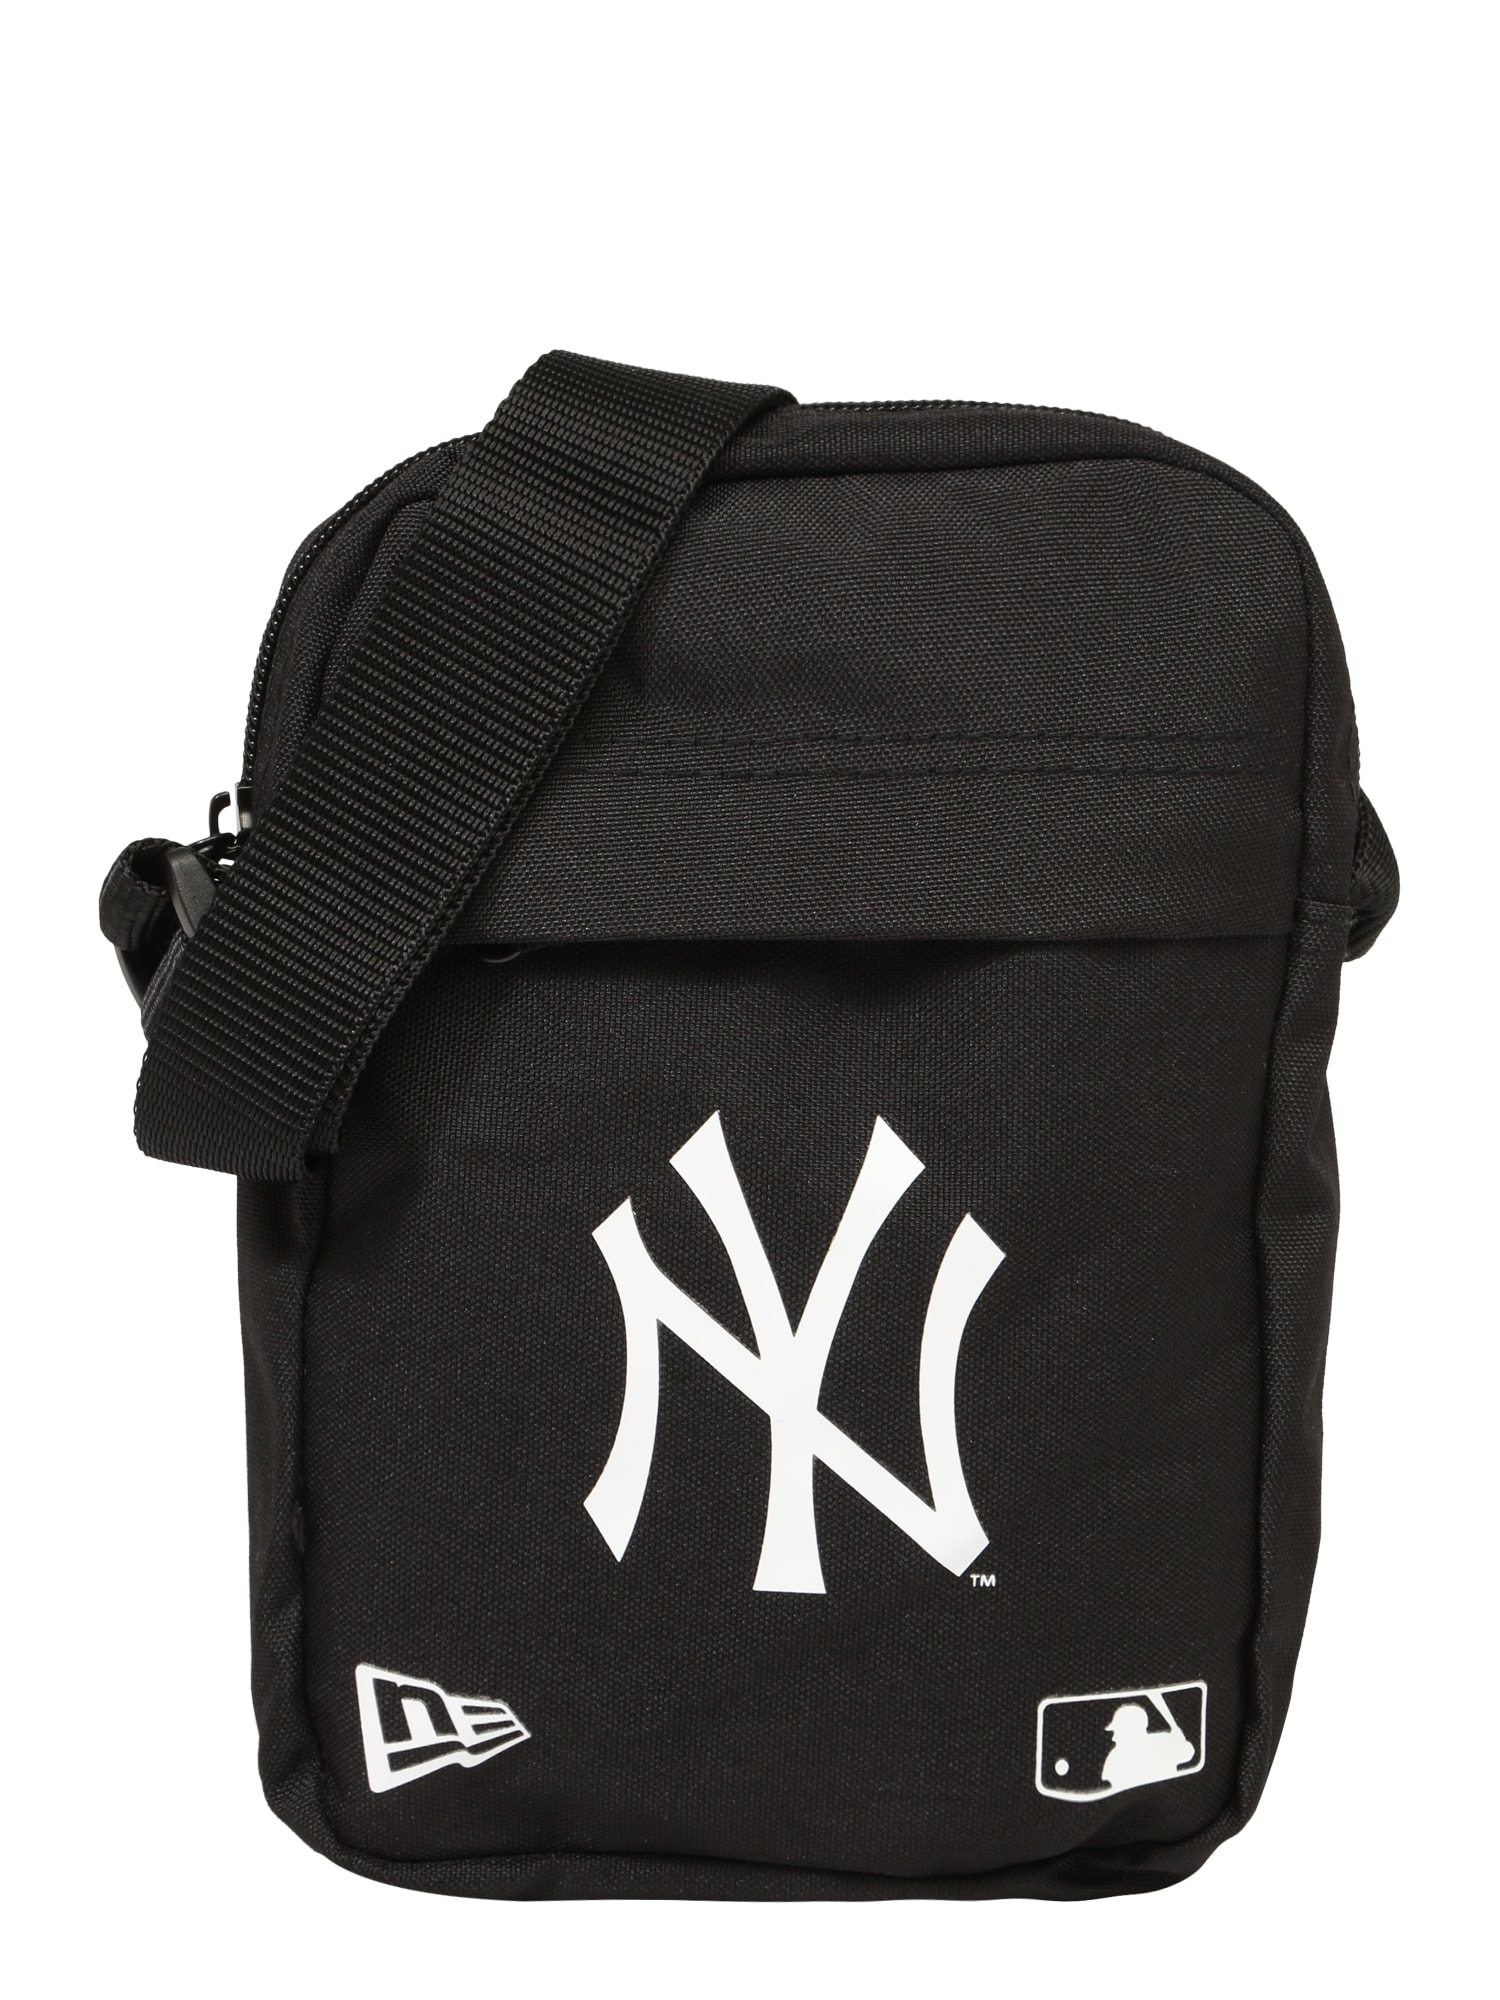 Taška přes rameno MLB SIDE BAG černá NEW ERA